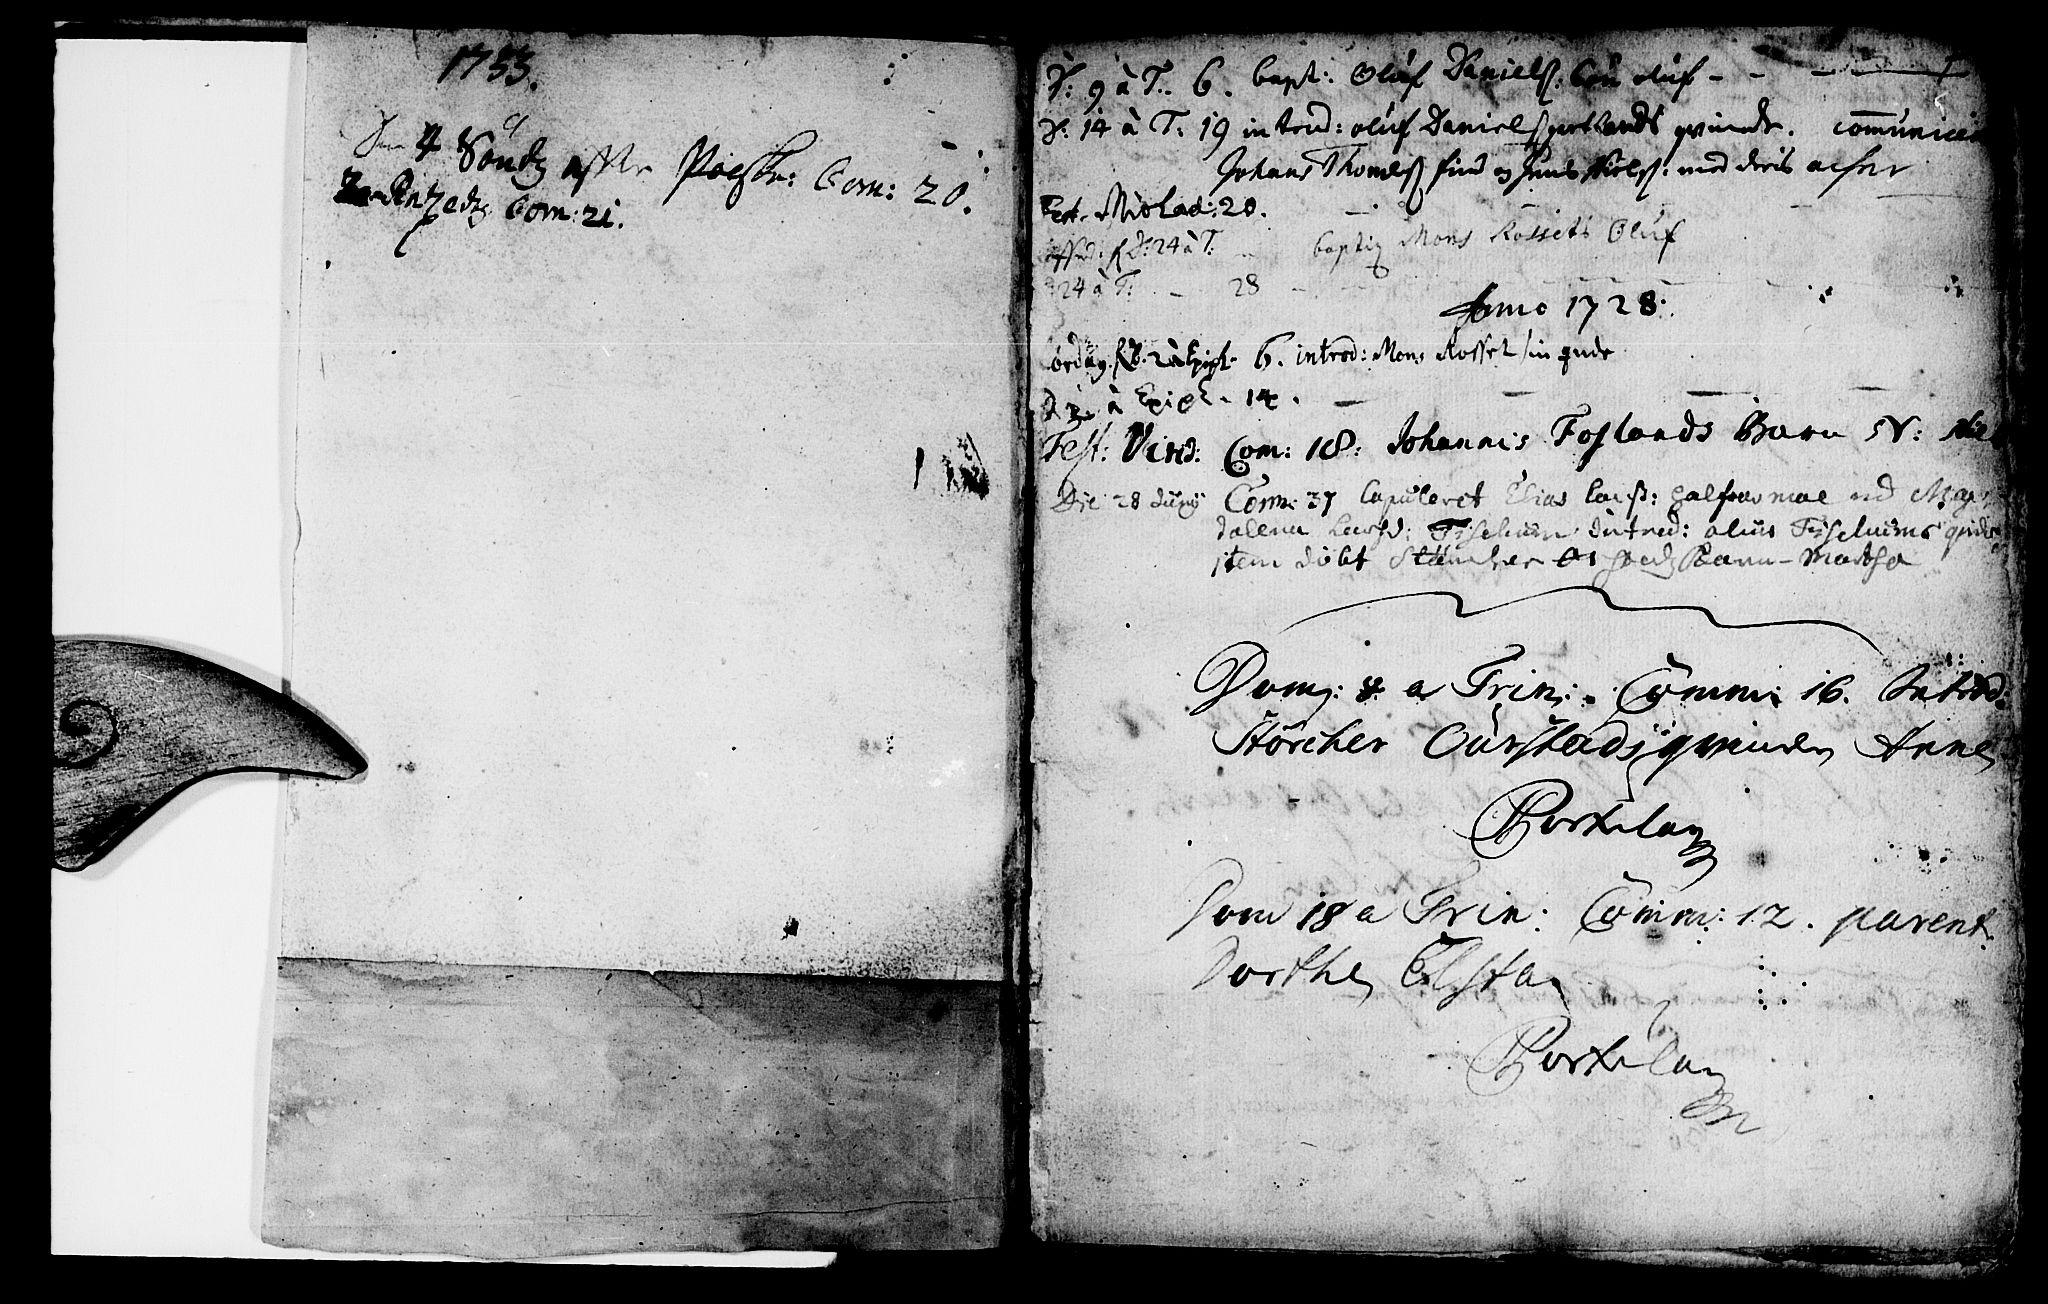 SAT, Ministerialprotokoller, klokkerbøker og fødselsregistre - Nord-Trøndelag, 759/L0525: Ministerialbok nr. 759A01, 1706-1748, s. 7